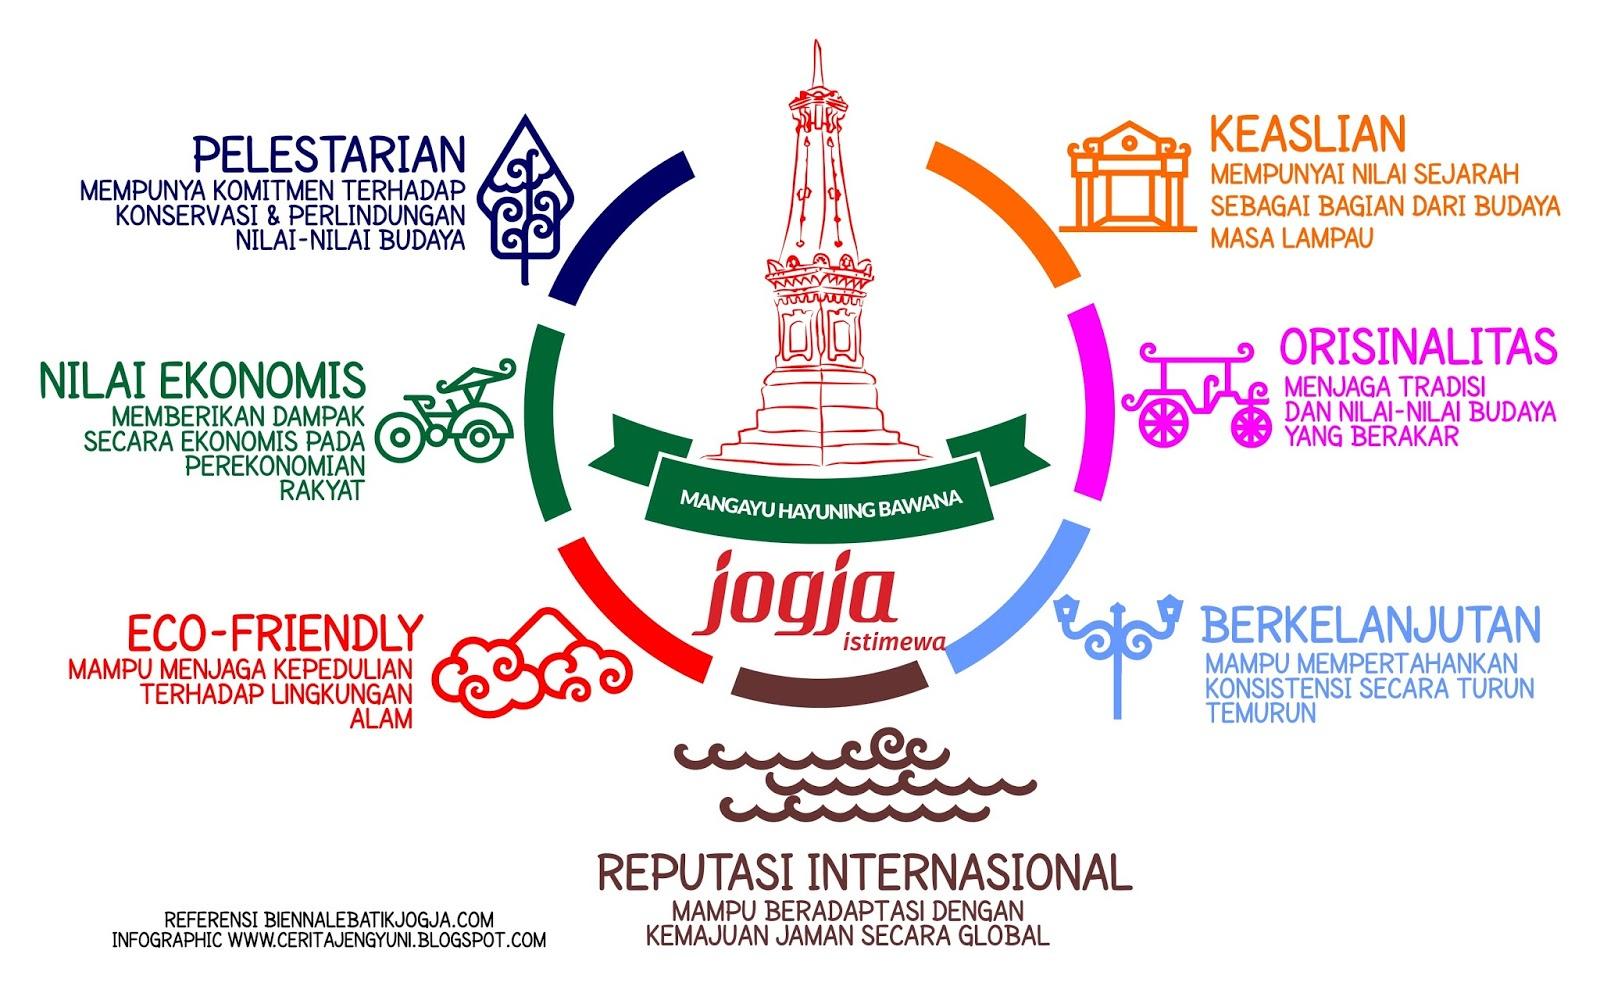 7 Kriteria Jogja Kota Batik Dunia